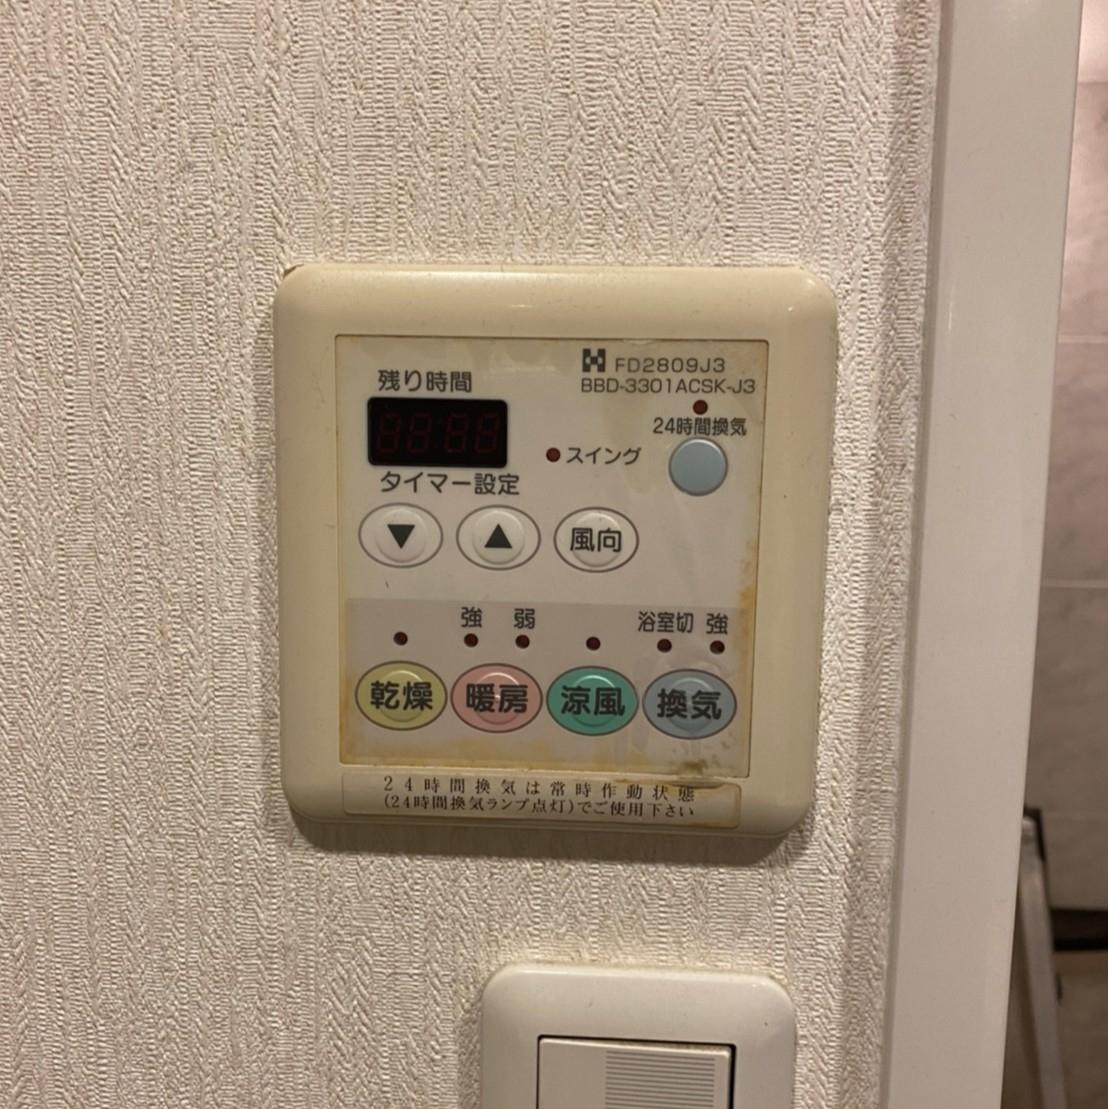 jirei_image53095